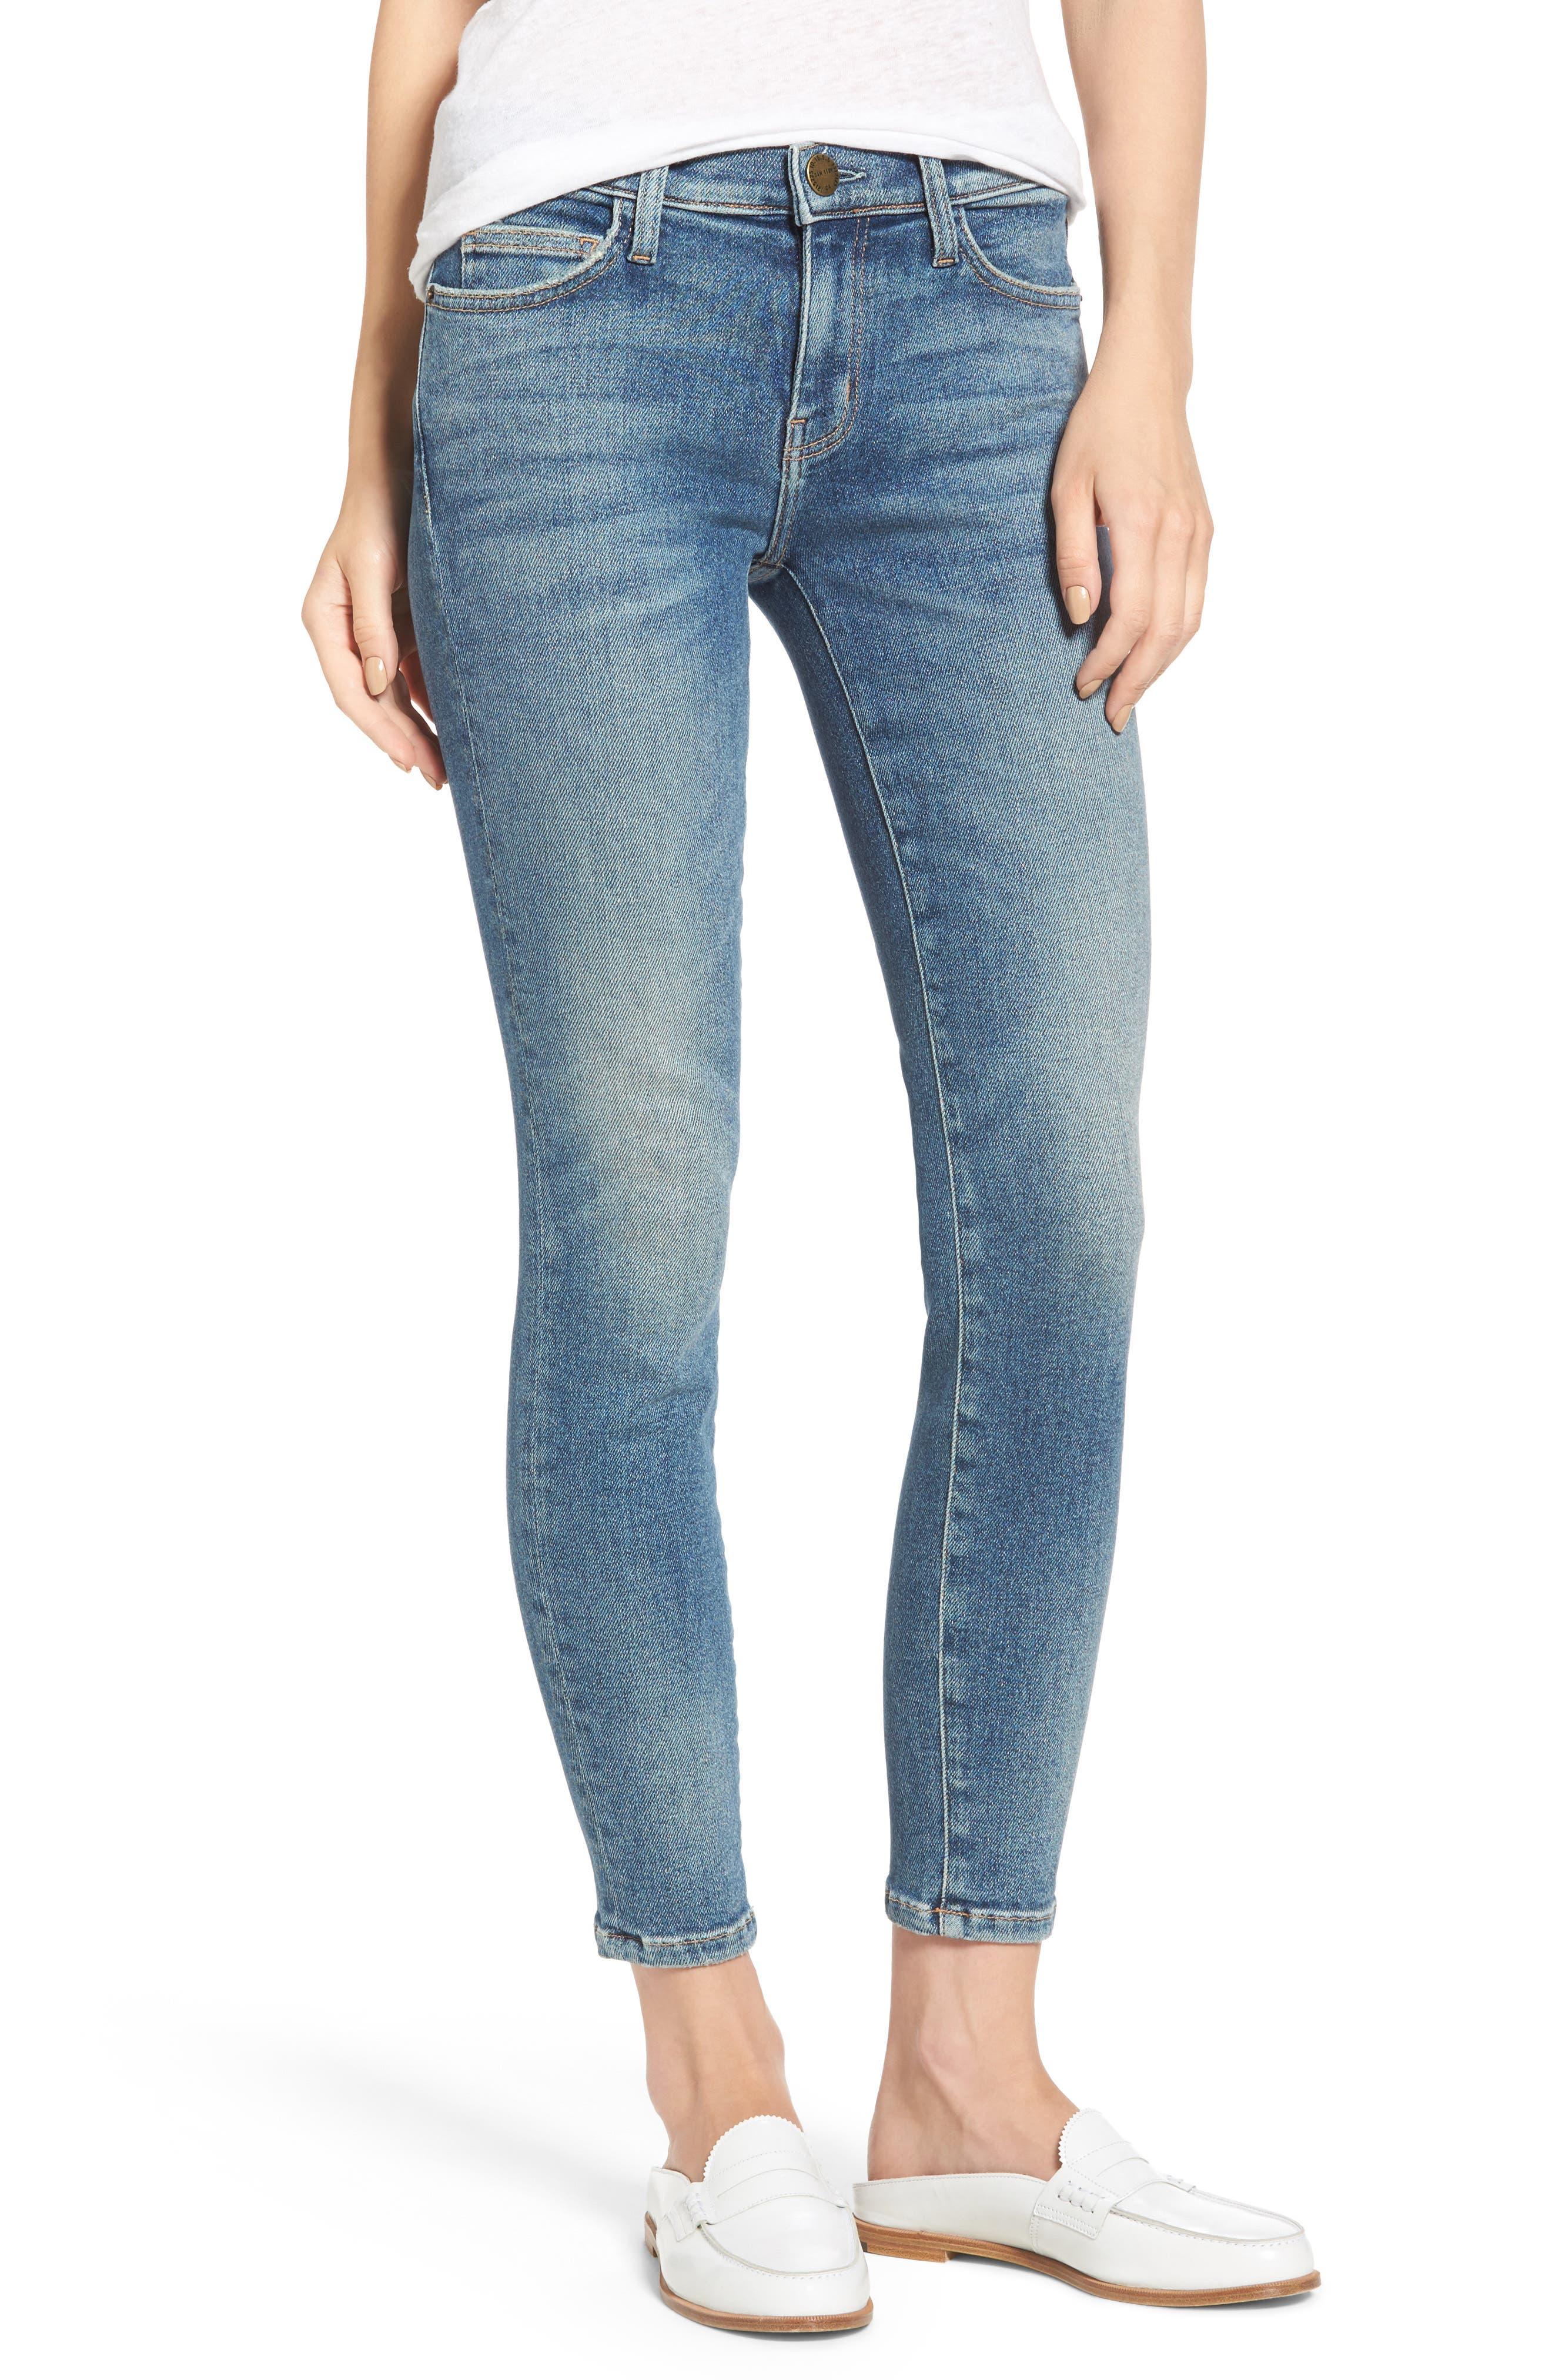 Alternate Image 1 Selected - Current/Elliott The Stiletto Ankle Skinny Jeans (Ashurst)